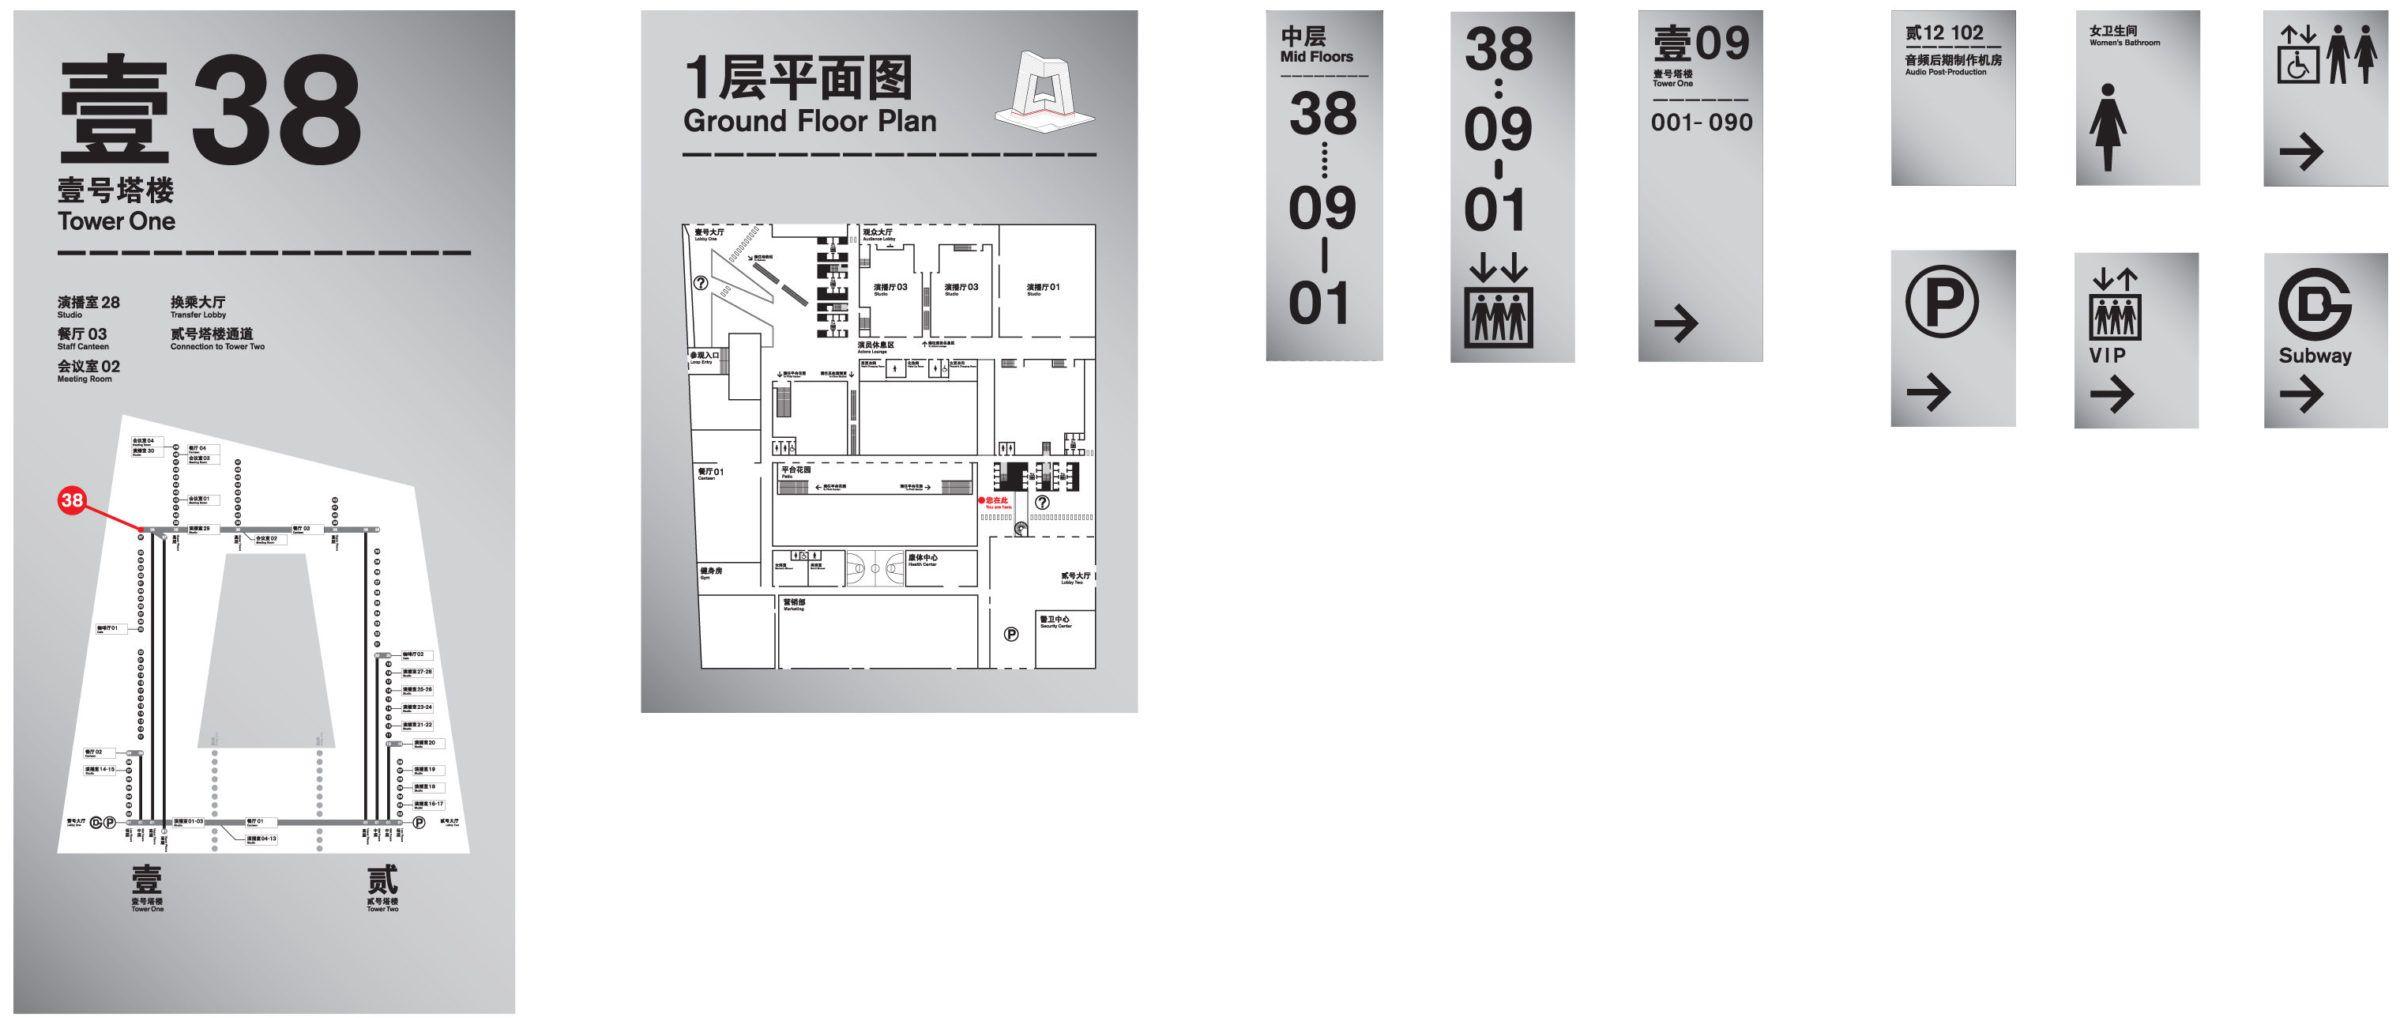 Cctv Headquarters 2x4 Ground Floor Plan Floor Plans Wayfinding